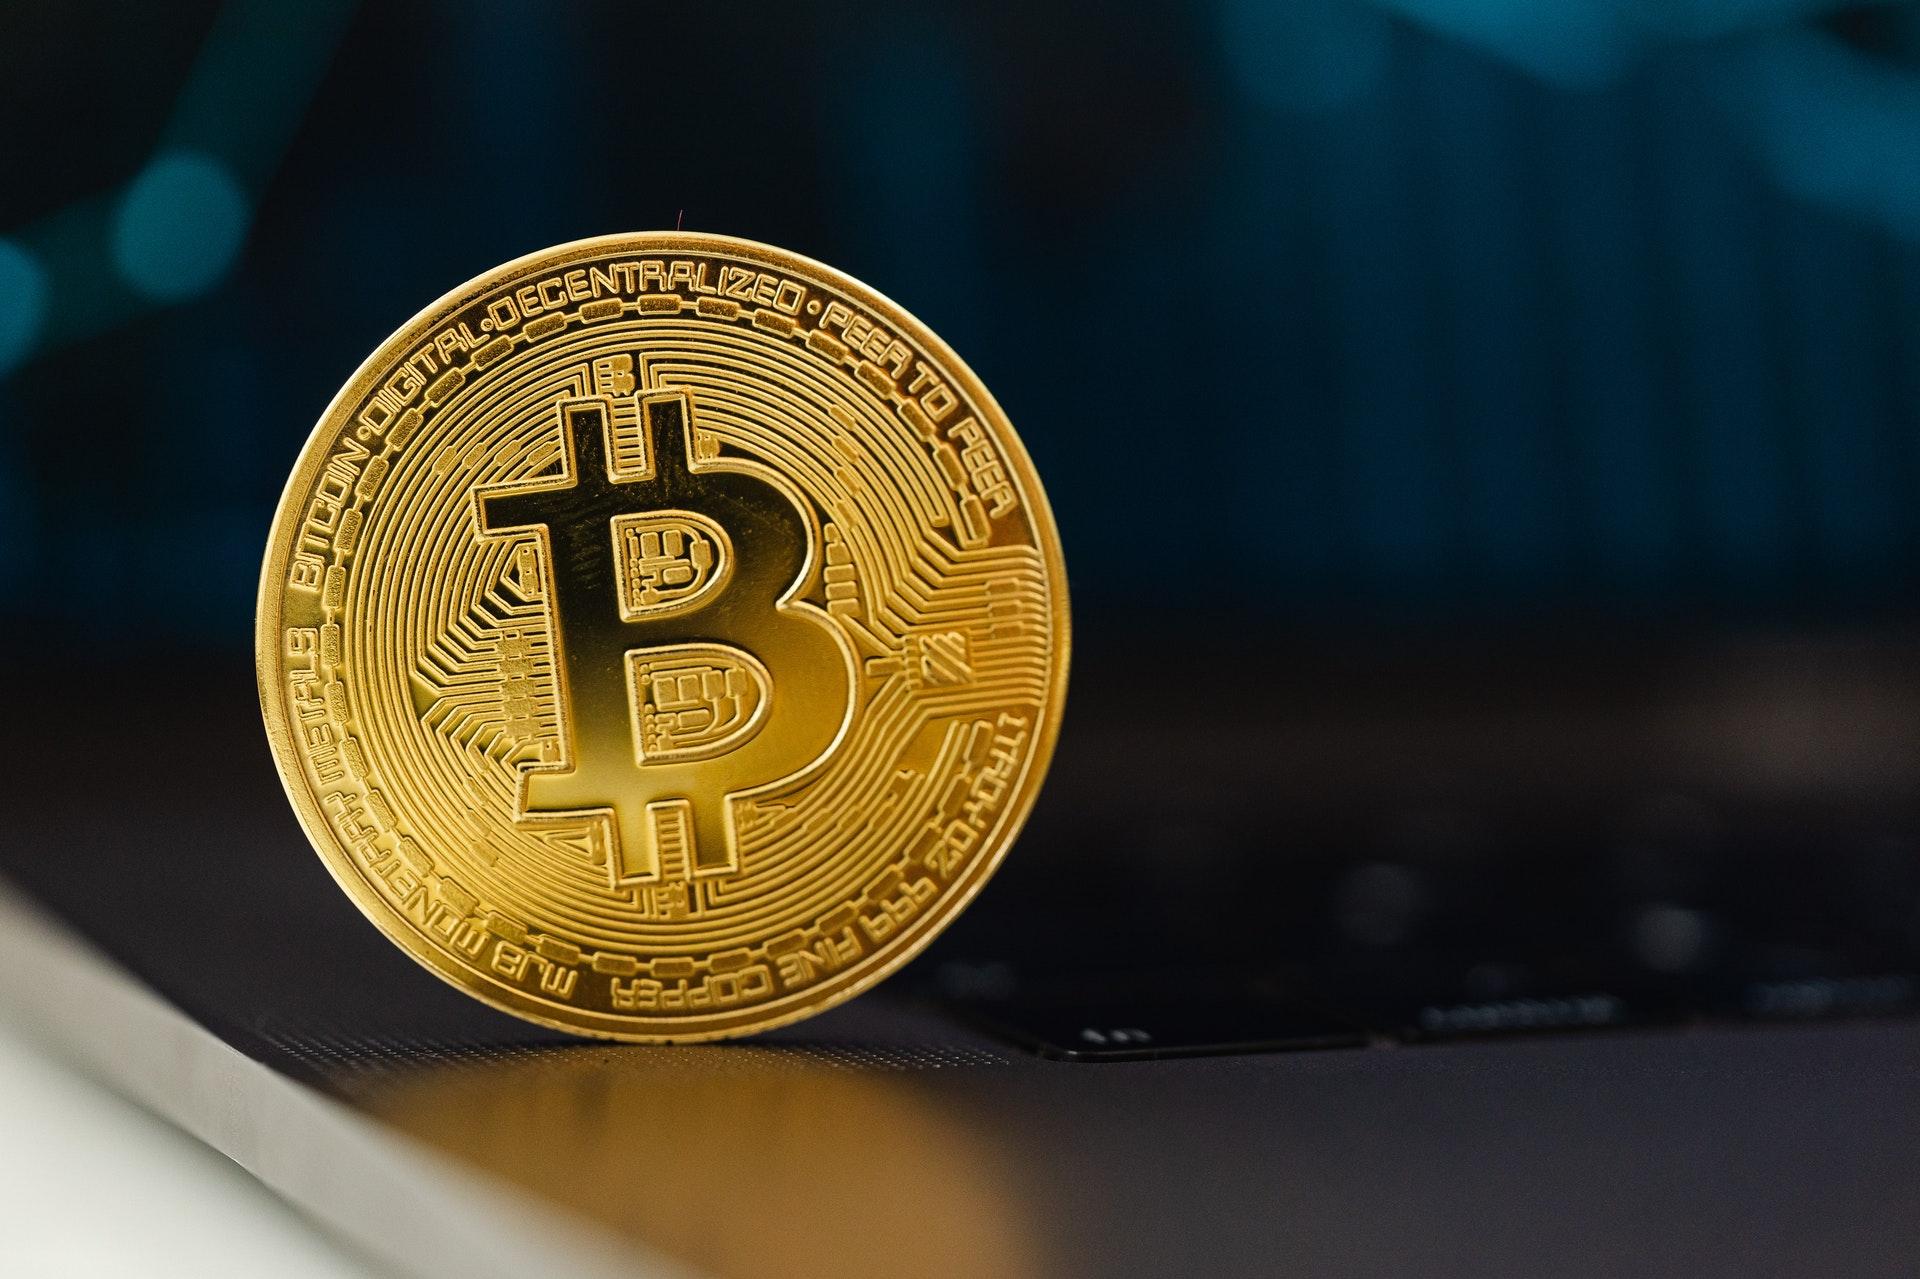 Waarom Bitcoins kopen die ideaal zijn voor deze doeleinden?